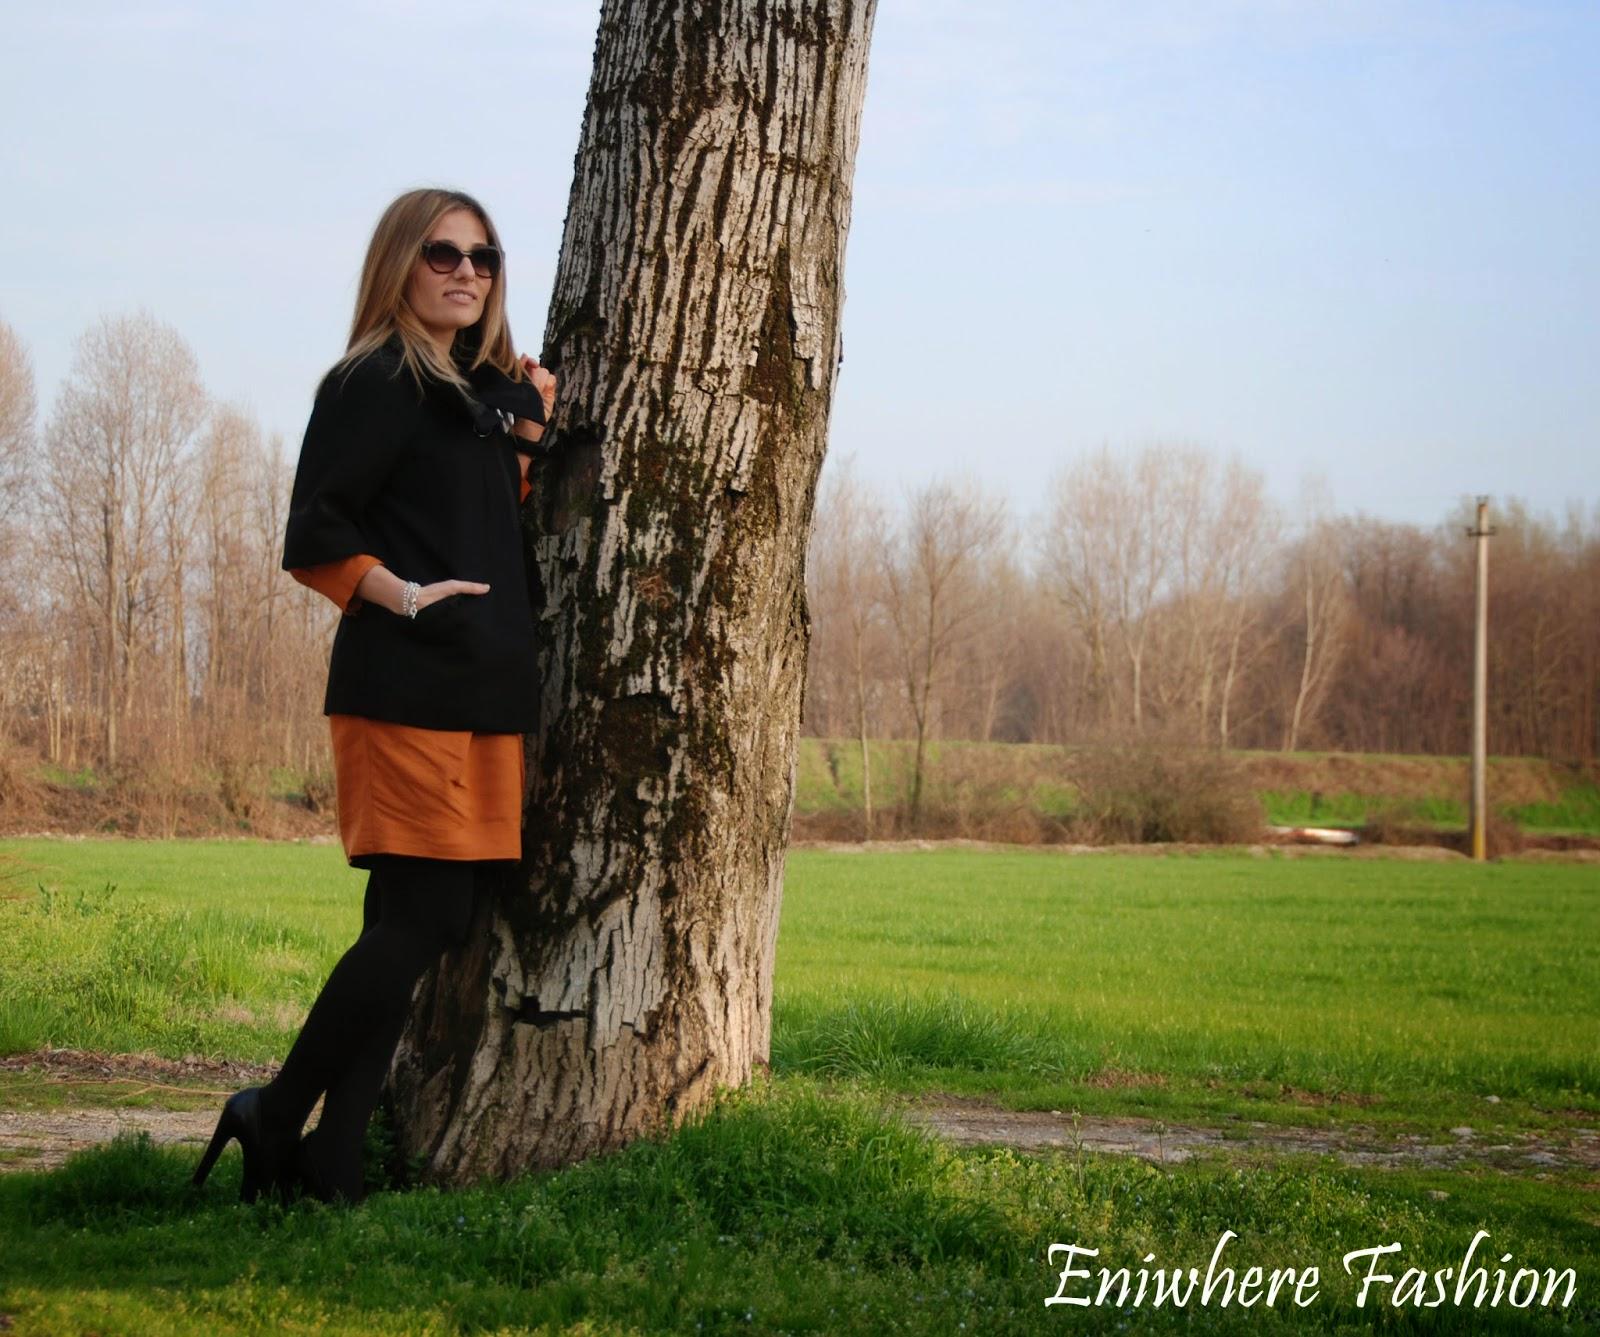 Eniwhere Fashion Beatrice Terzi